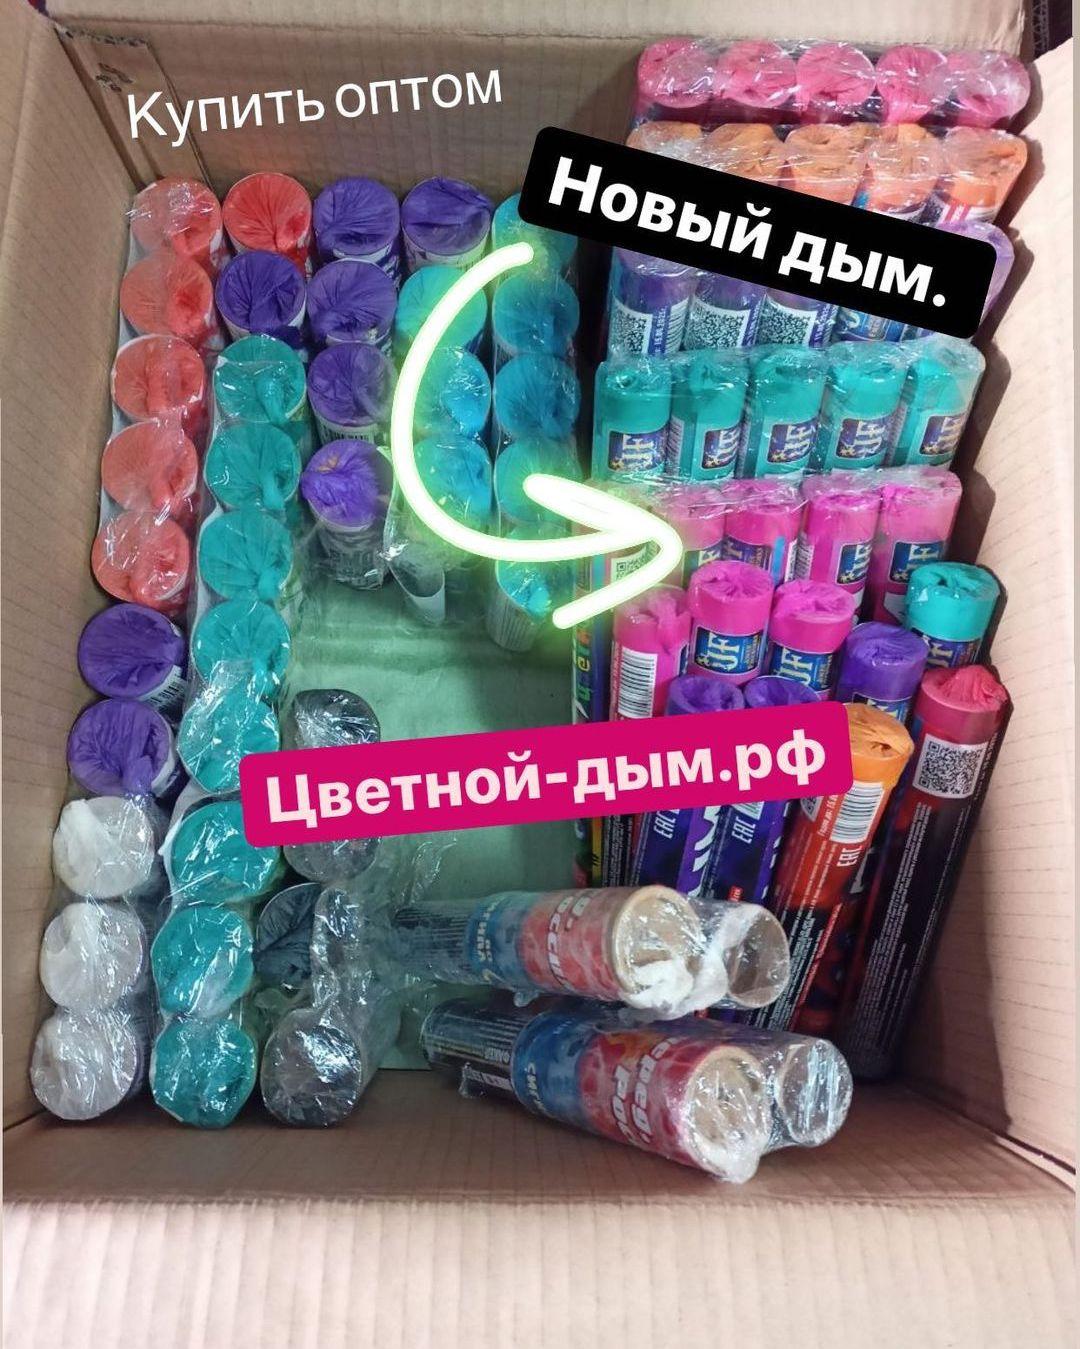 джокер новый цветной дым - Цветной-дым.рф отзывы